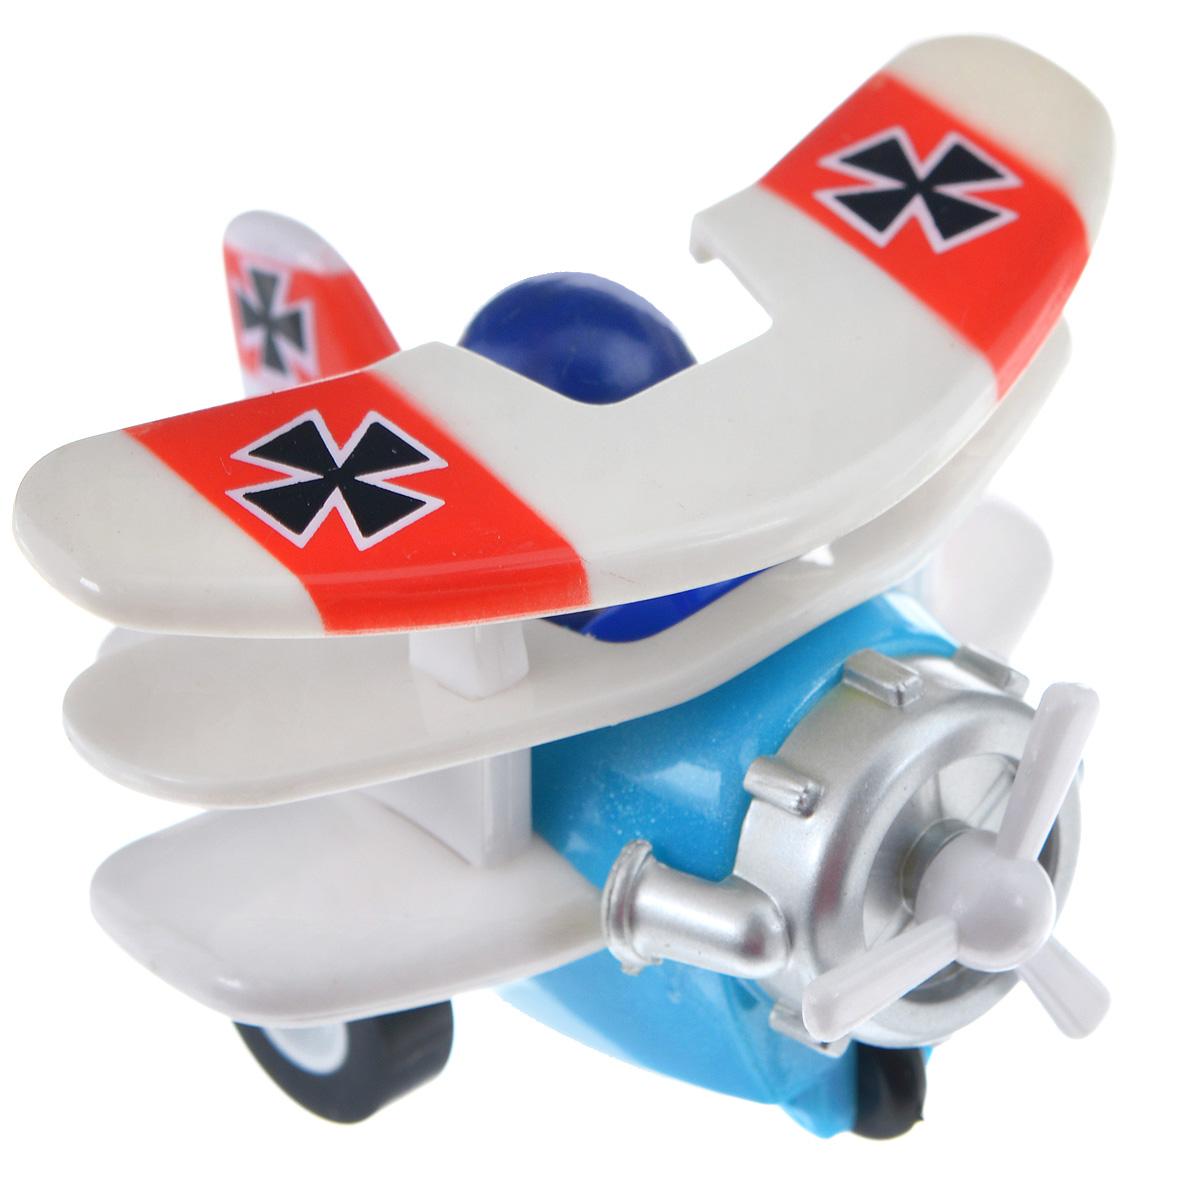 Hans Самолет инерционный цвет голубой белый